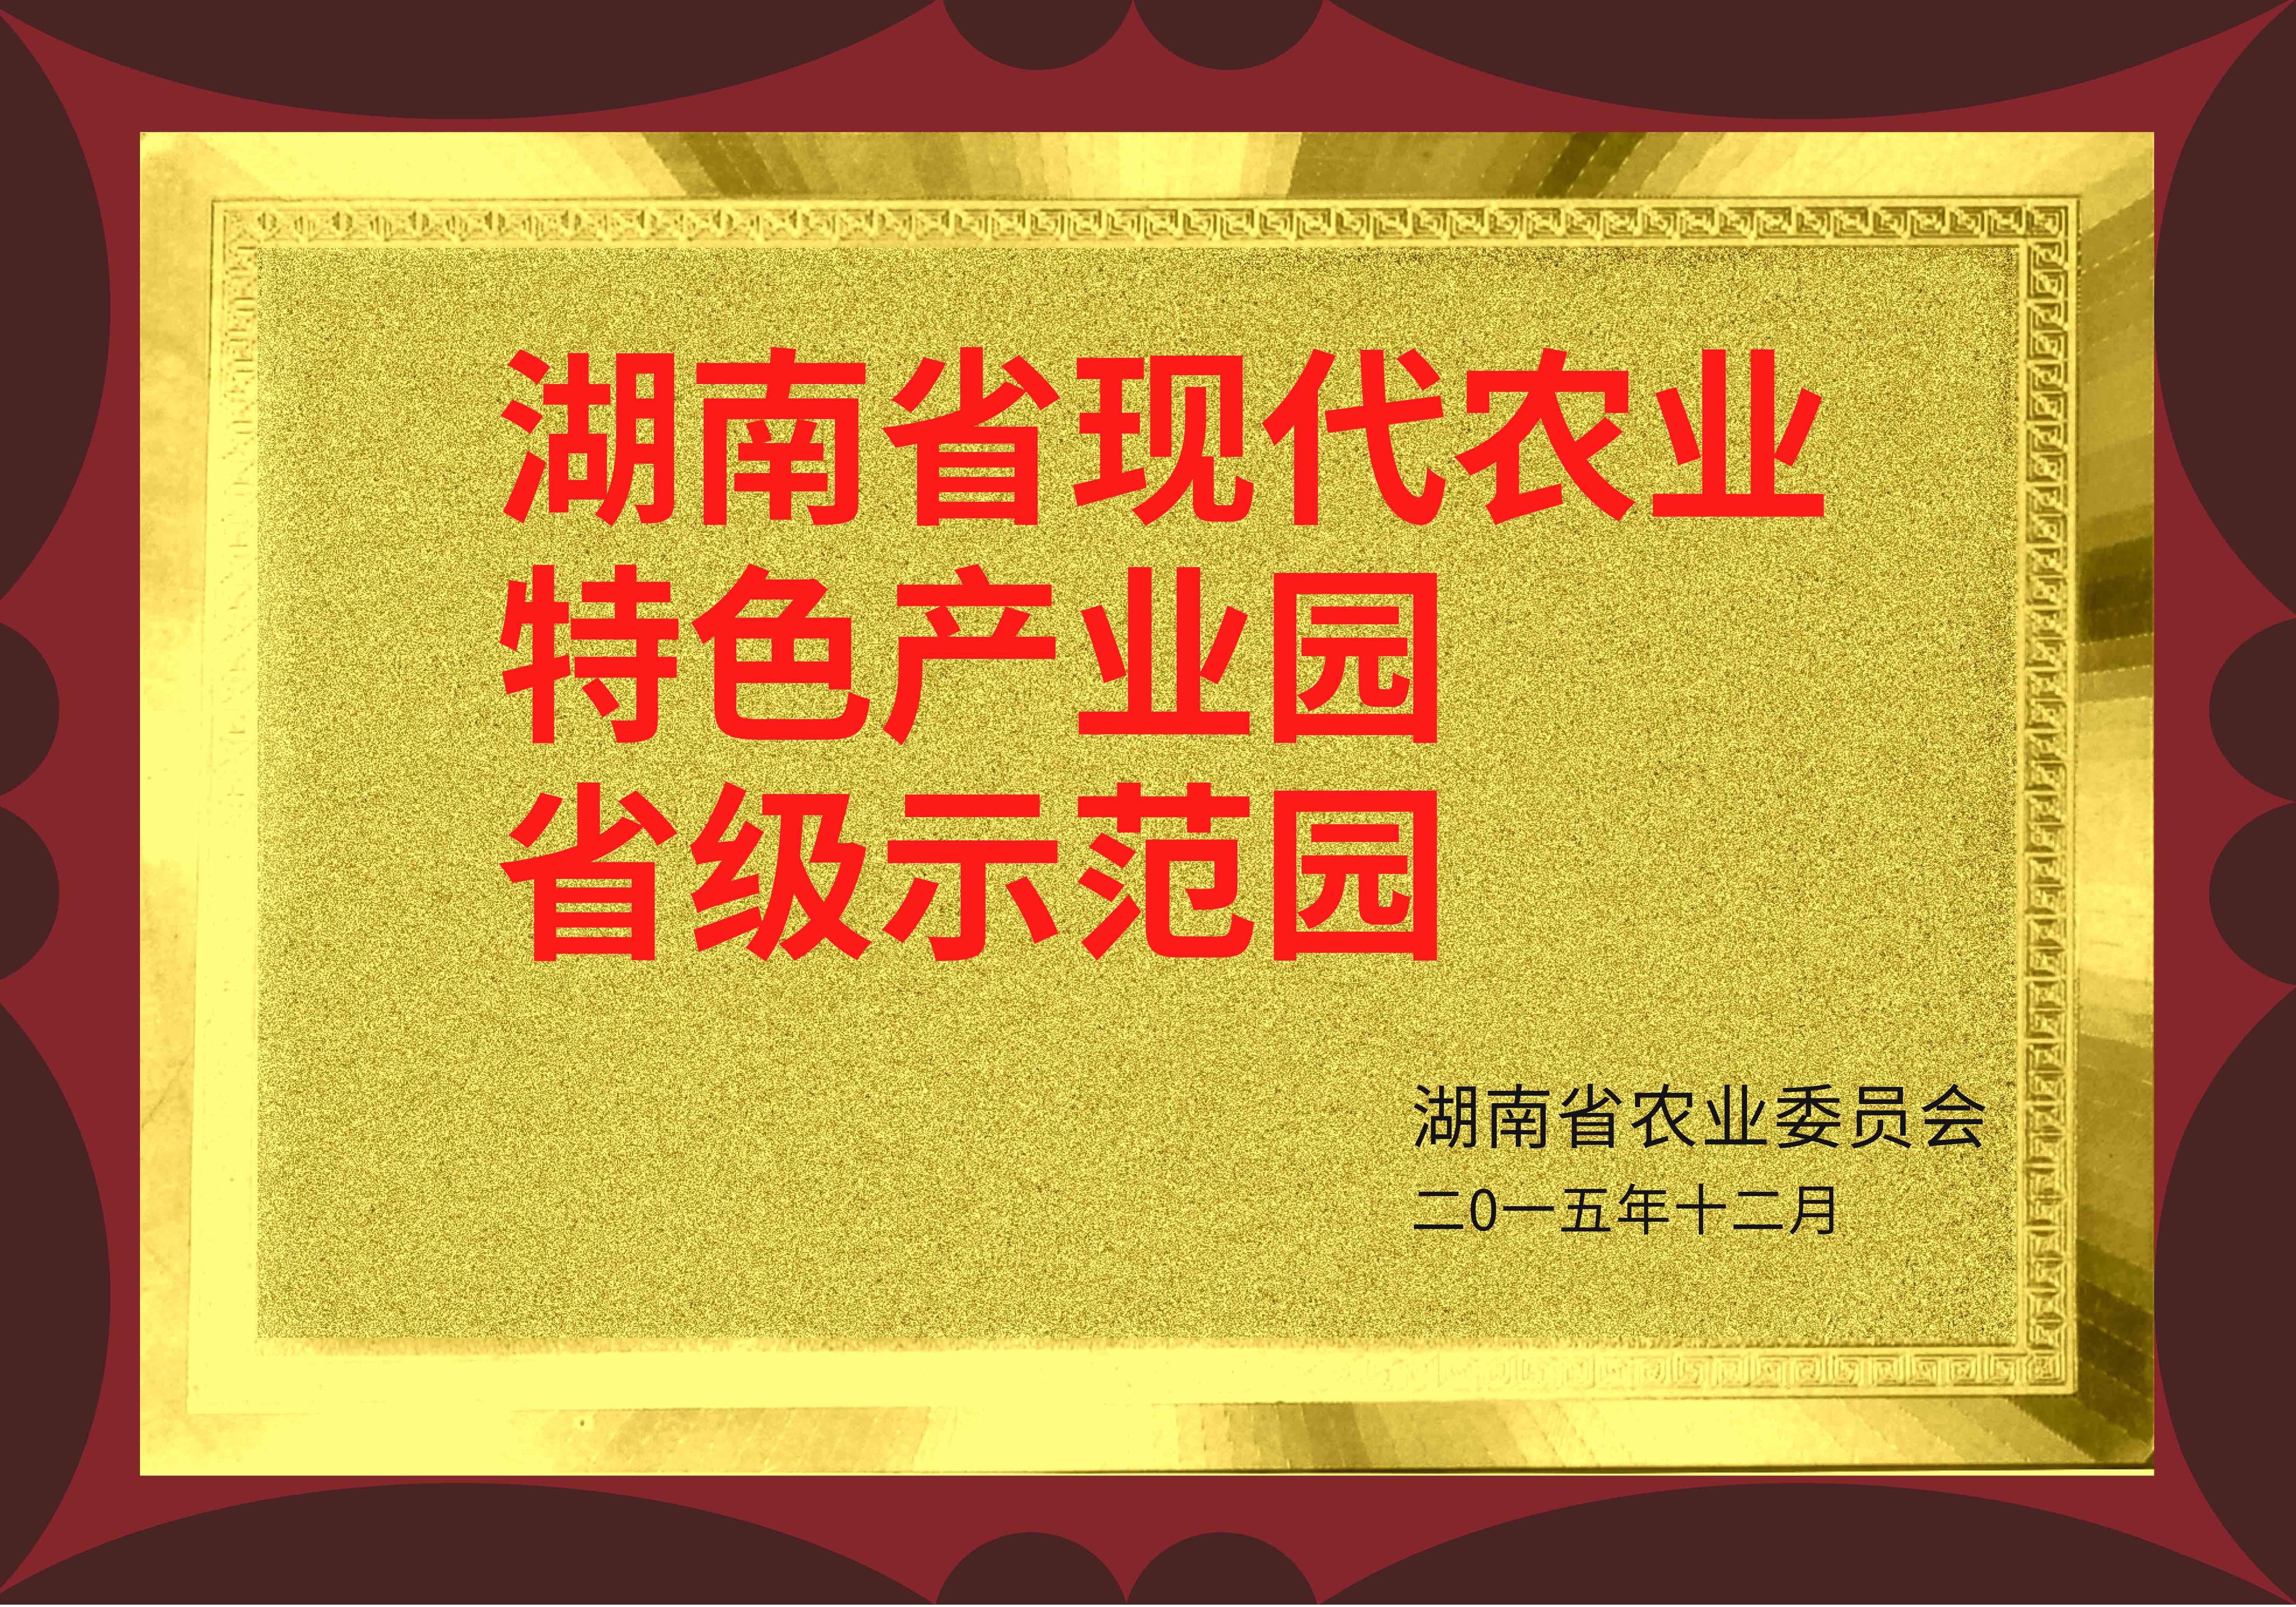 【湖南省现代农业特色产业园省级示范园】